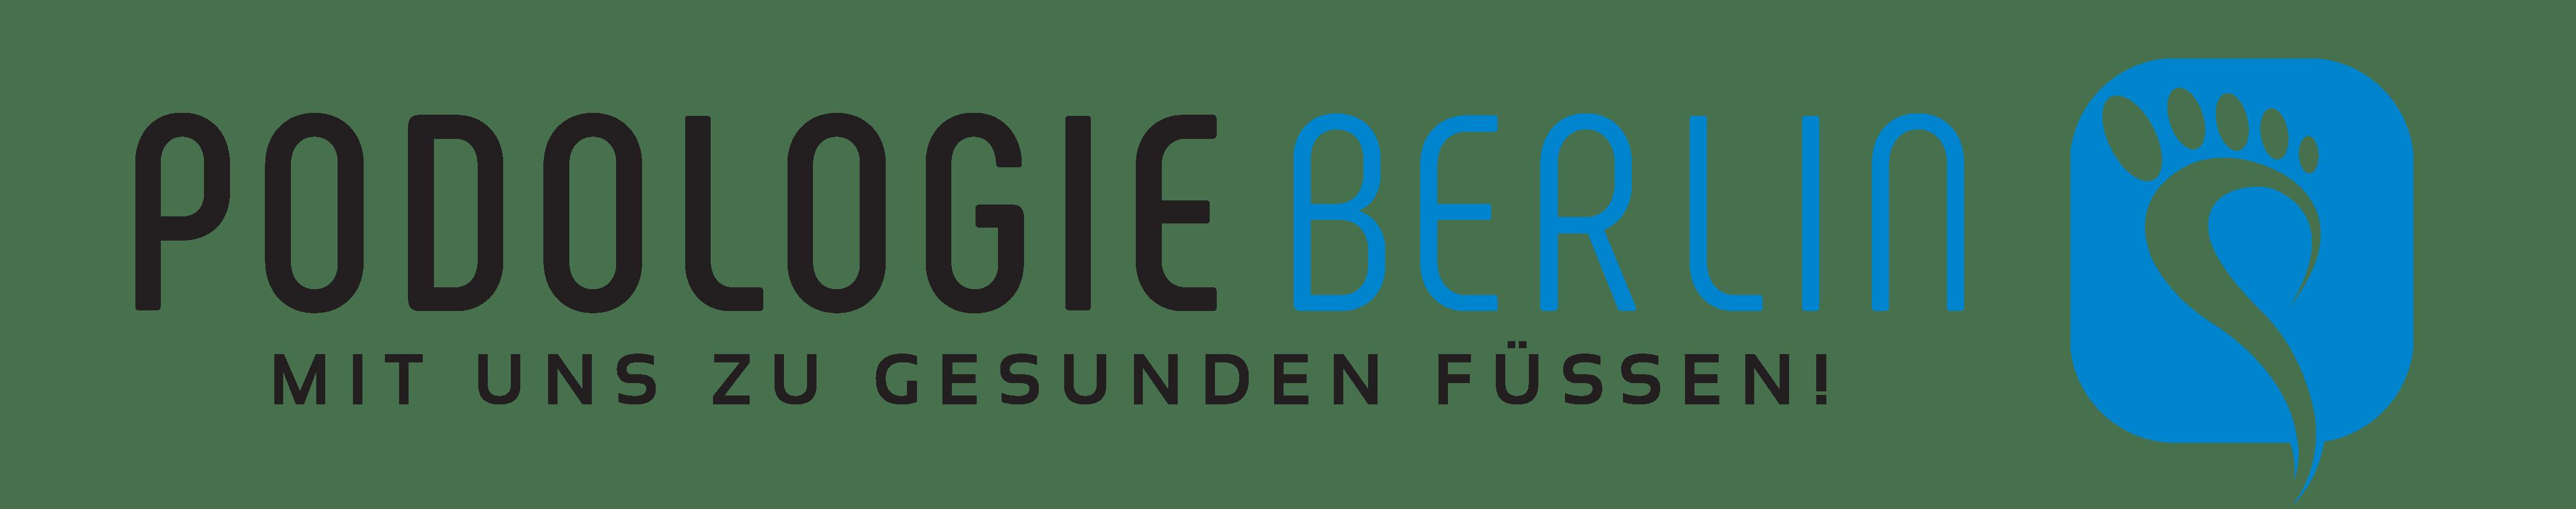 Podologie und medizinische Fußpflege in Berlin